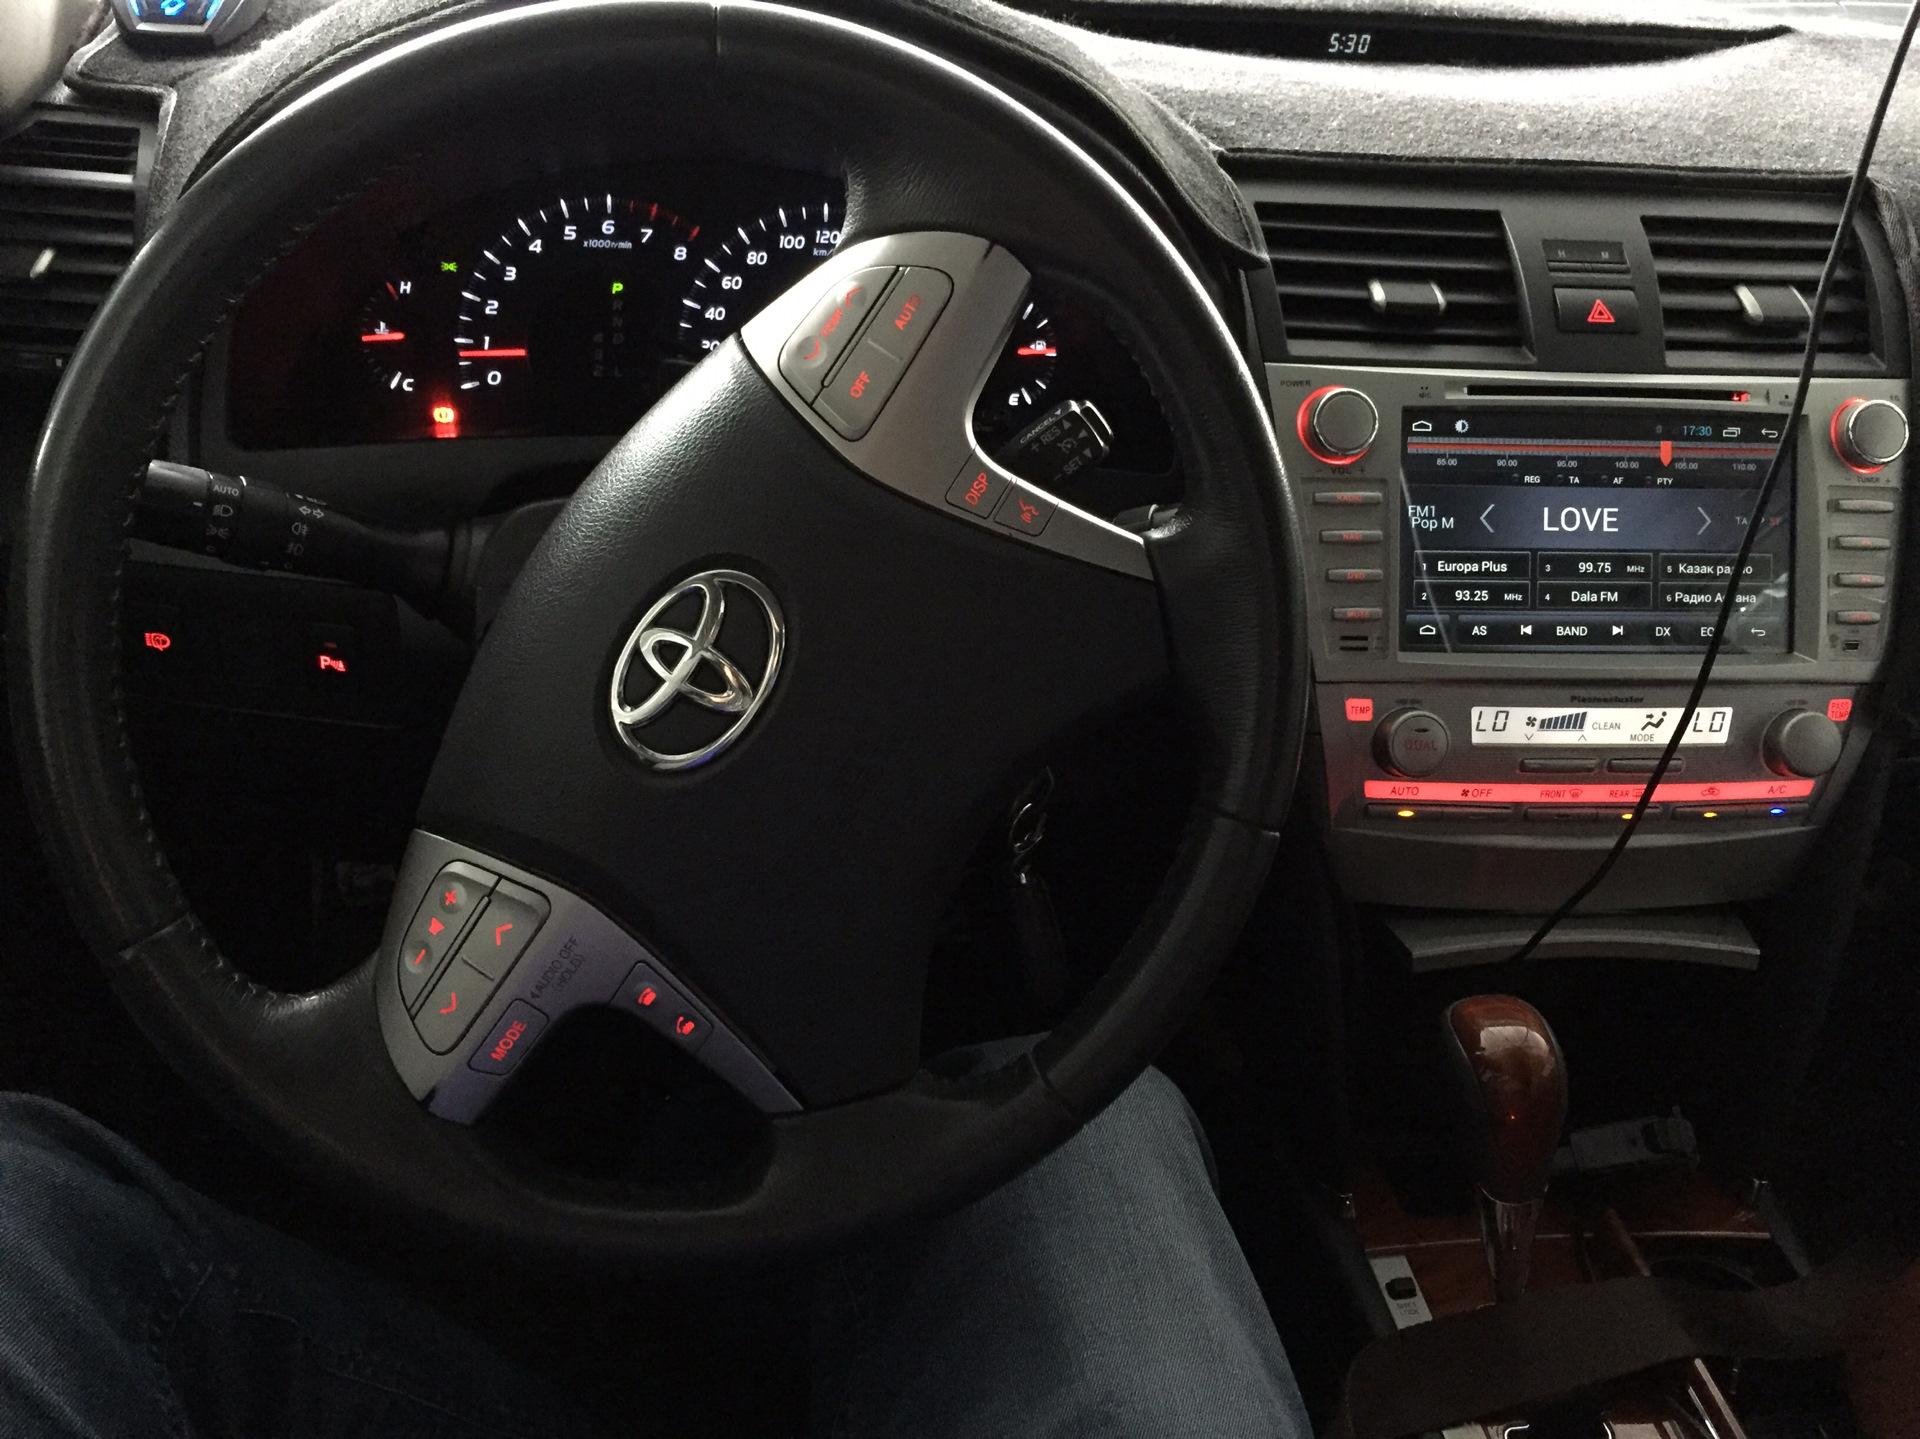 Штатные магнитолы для авто марки Тойота – это шаг в будущее